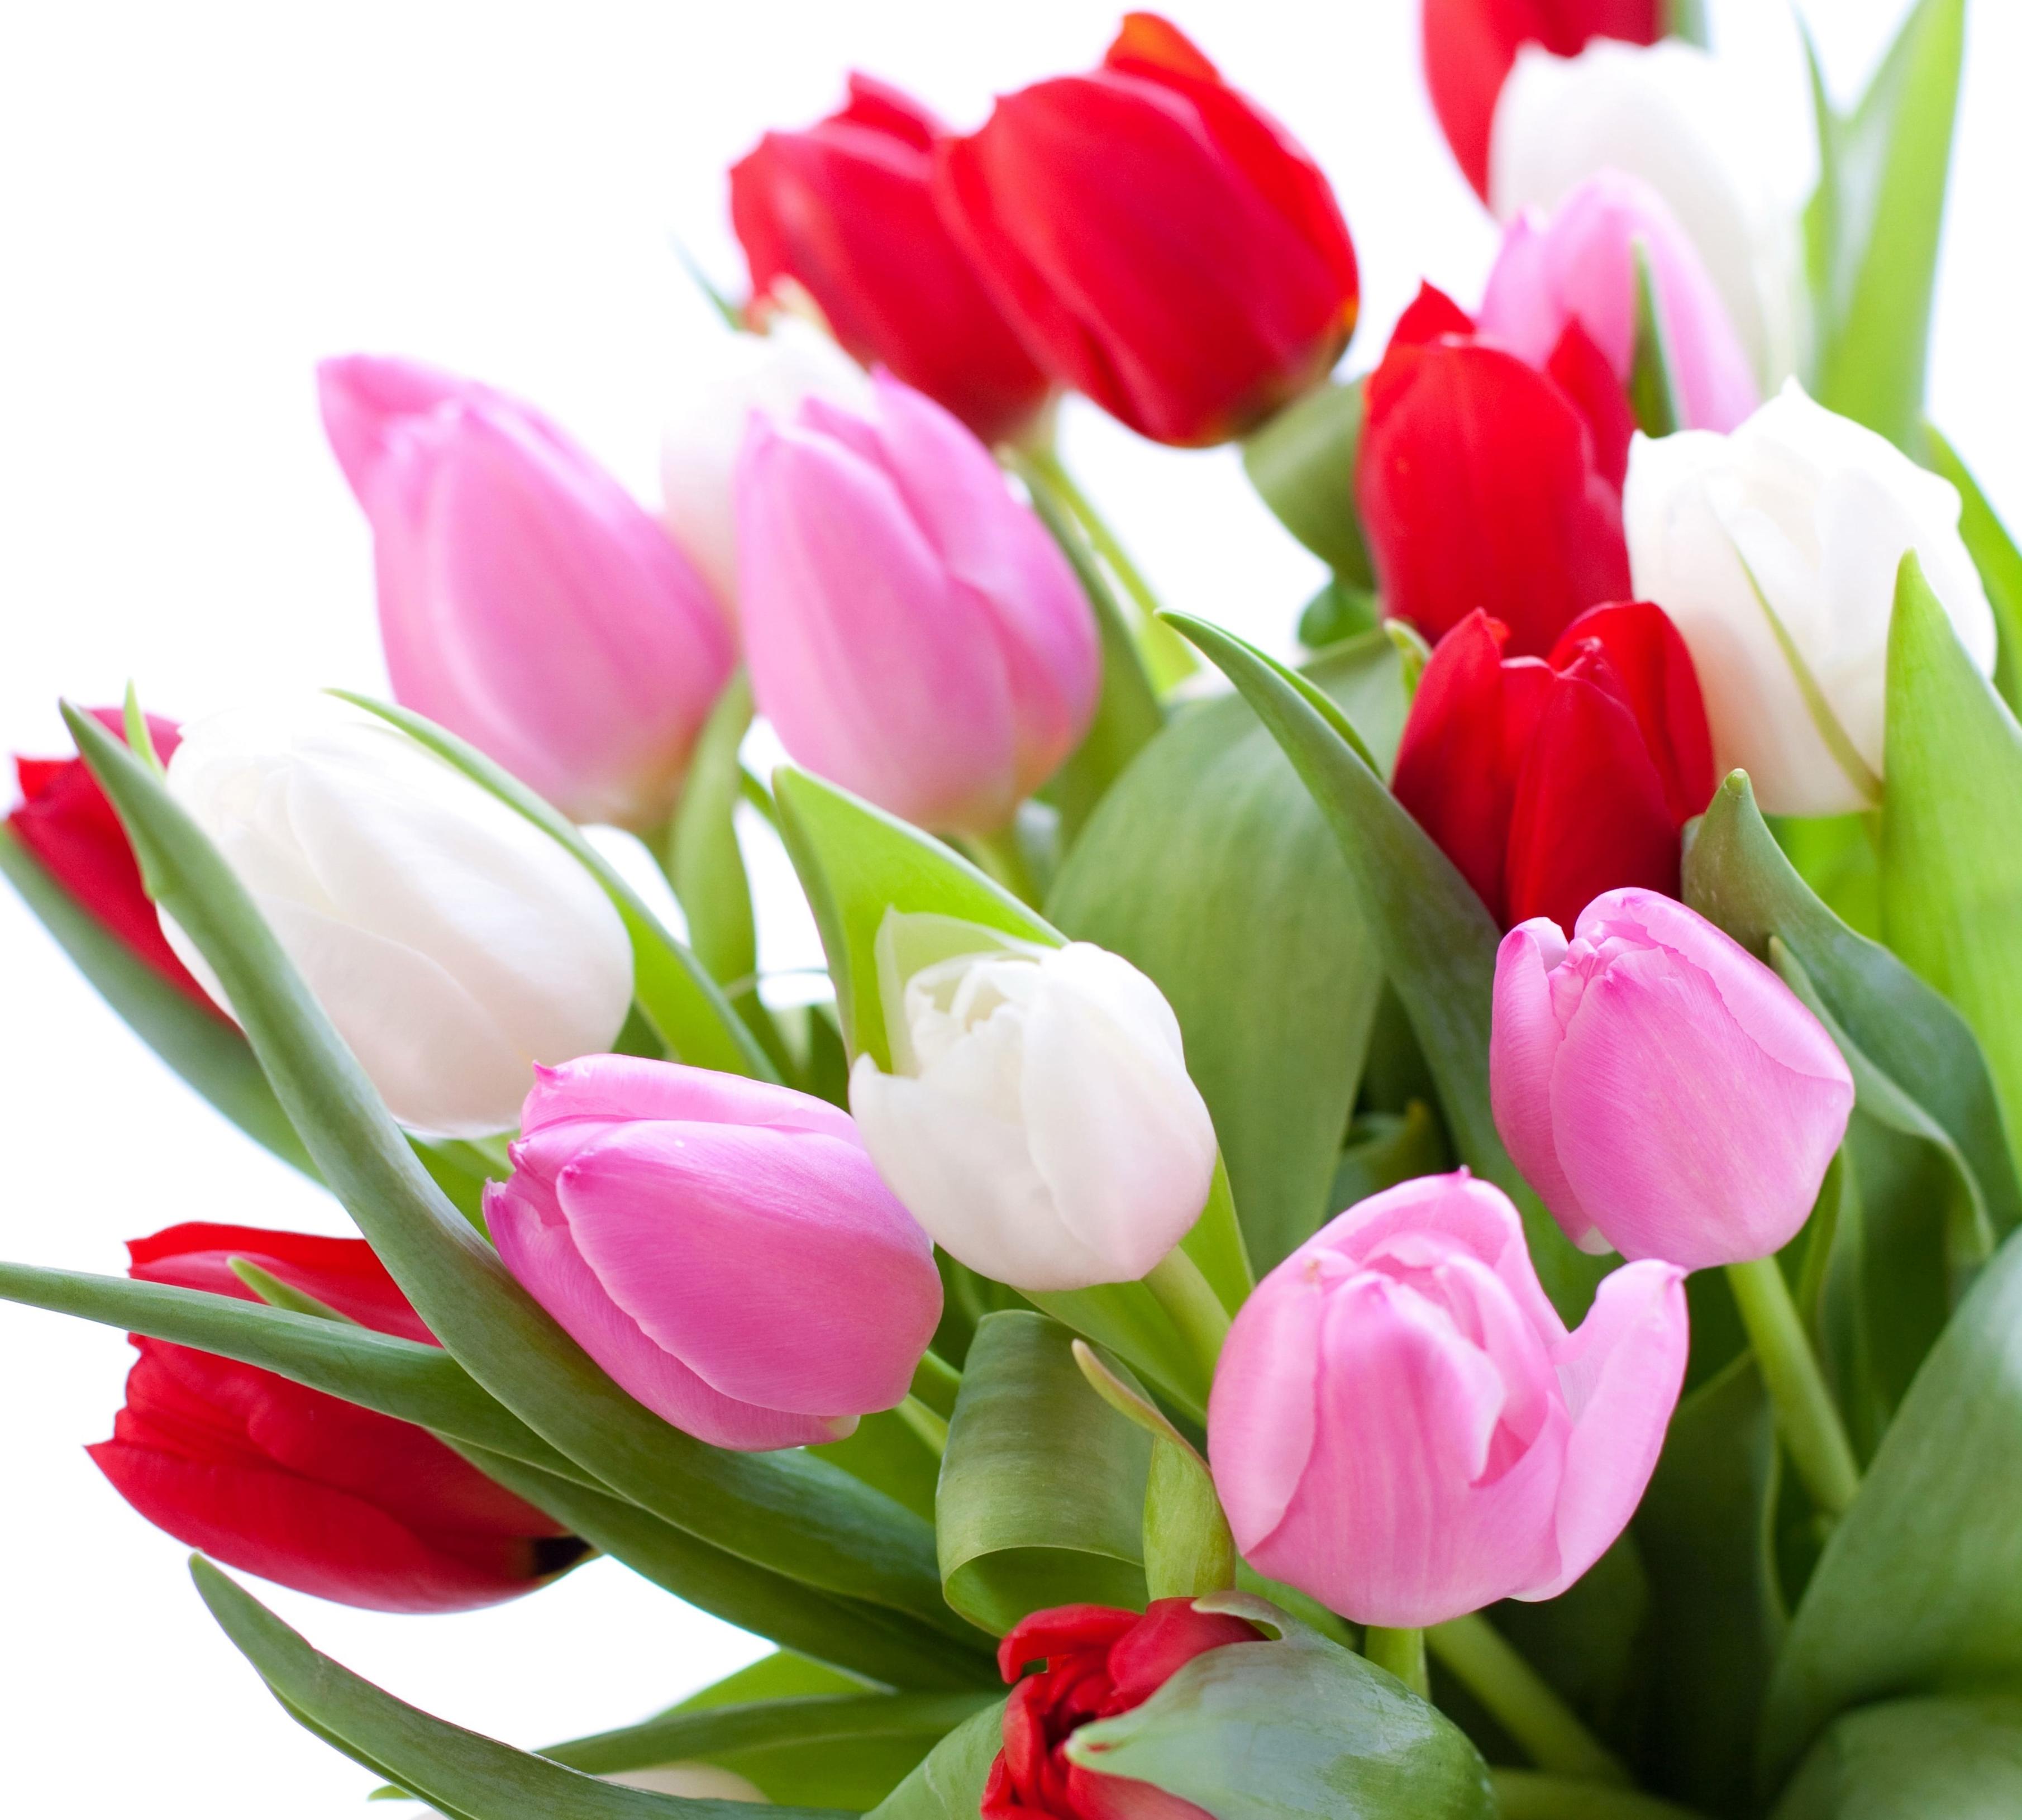 tulip-photo-28